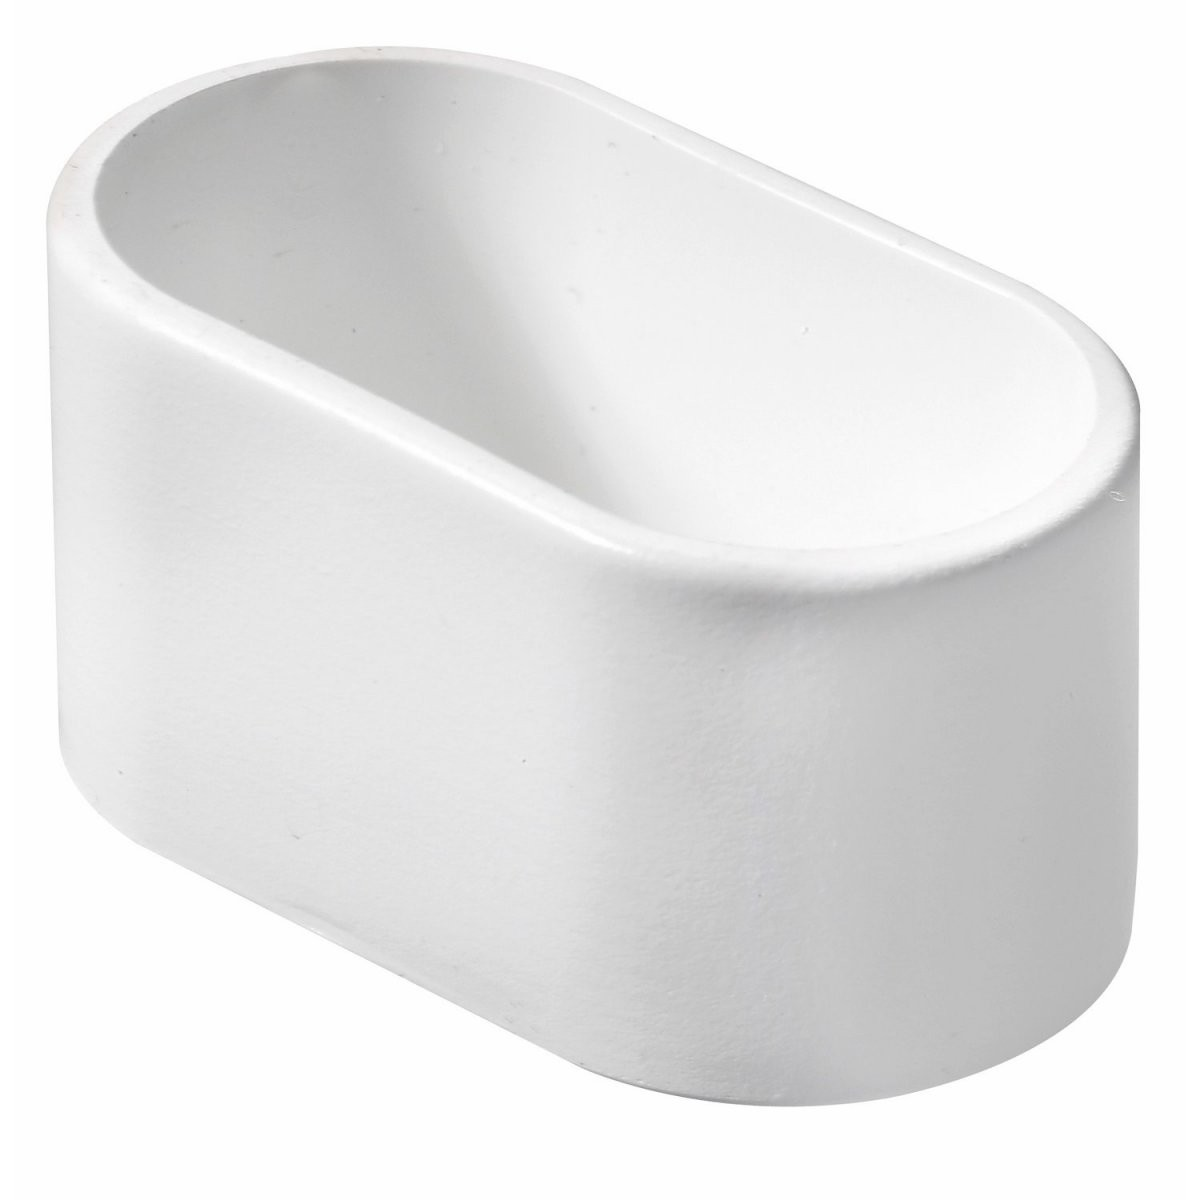 Hettich Fußkappe Für Ovale Rohre 38 Mm X 20 Mm Weiß Kaufen Bei Obi von Fusskappen Oval Für Gartenstühle Bild